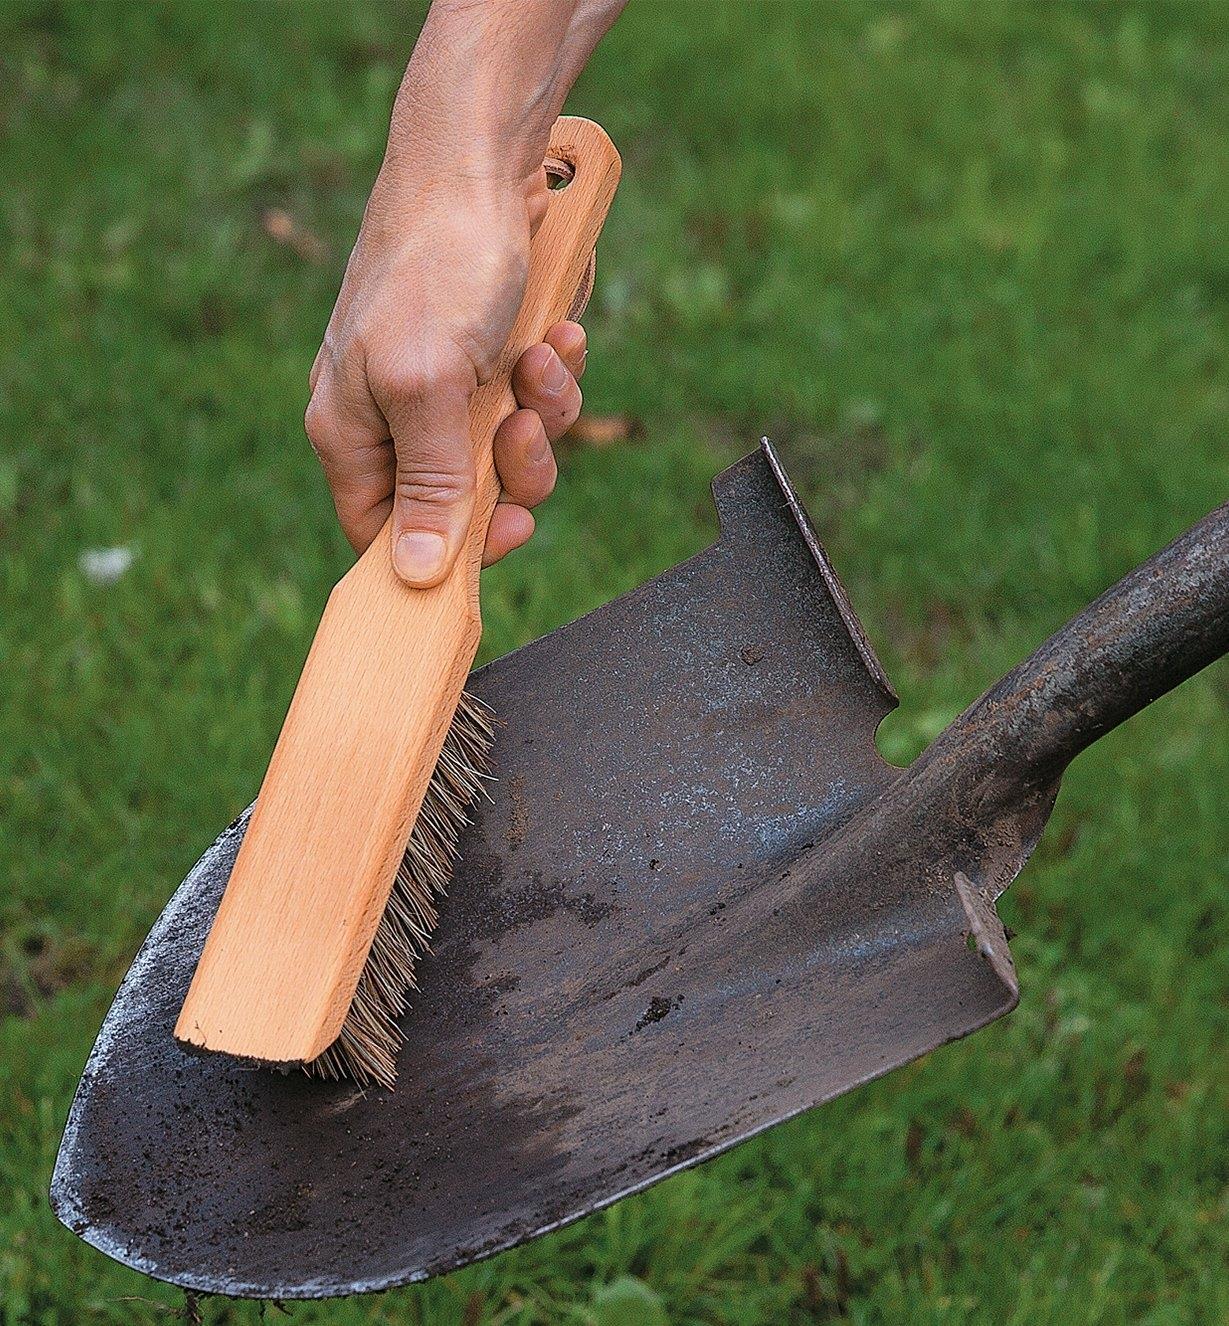 Brosse pour outils de jardinage récurant une pelle